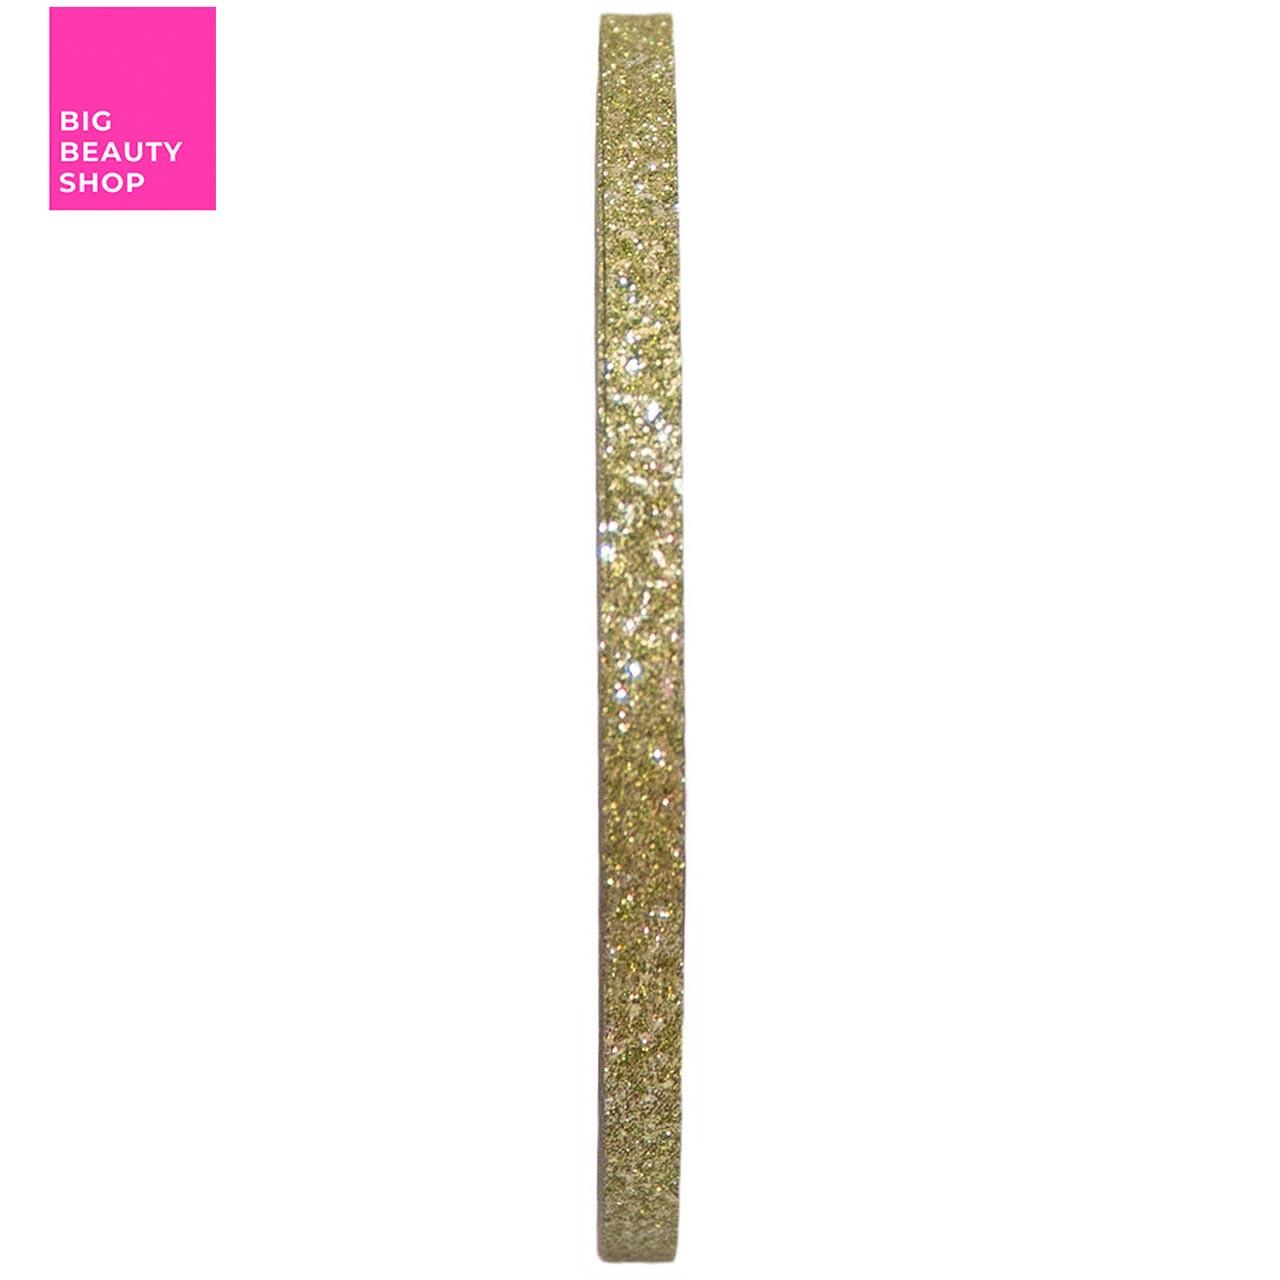 Голографическая полоска для ногтей ANVI 3мм (золота с блестками)